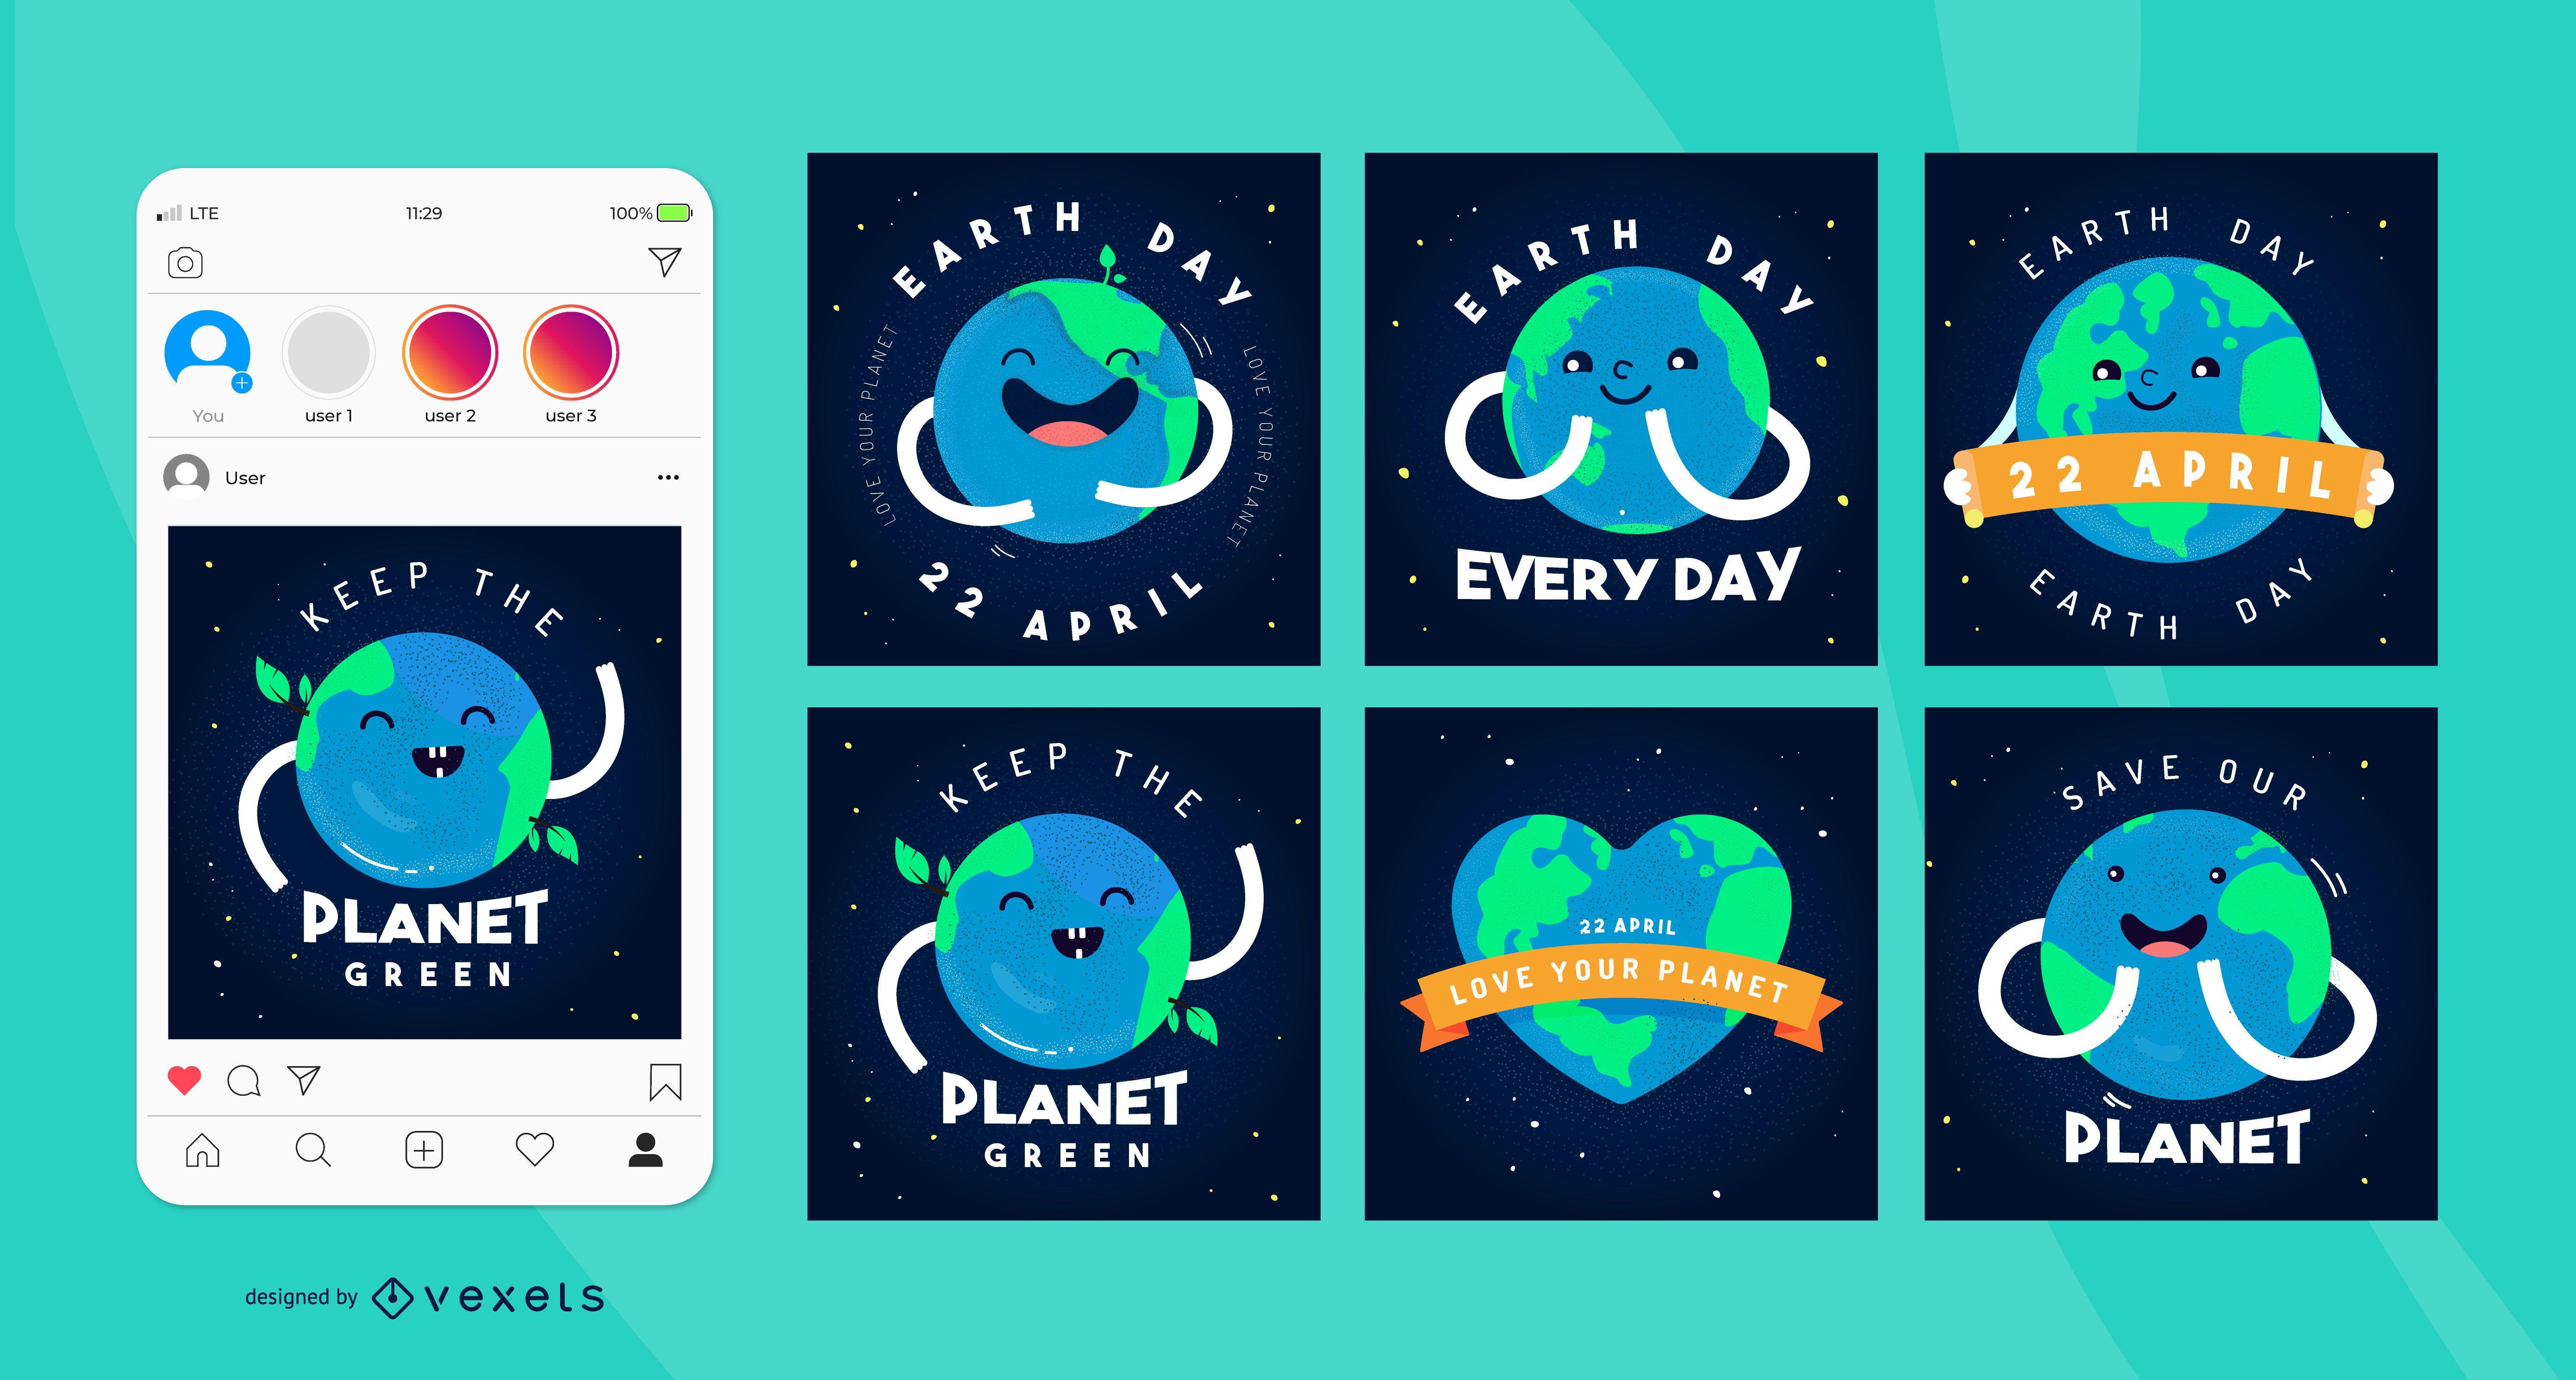 Paquete de publicaciones de redes sociales de Earth Day Square